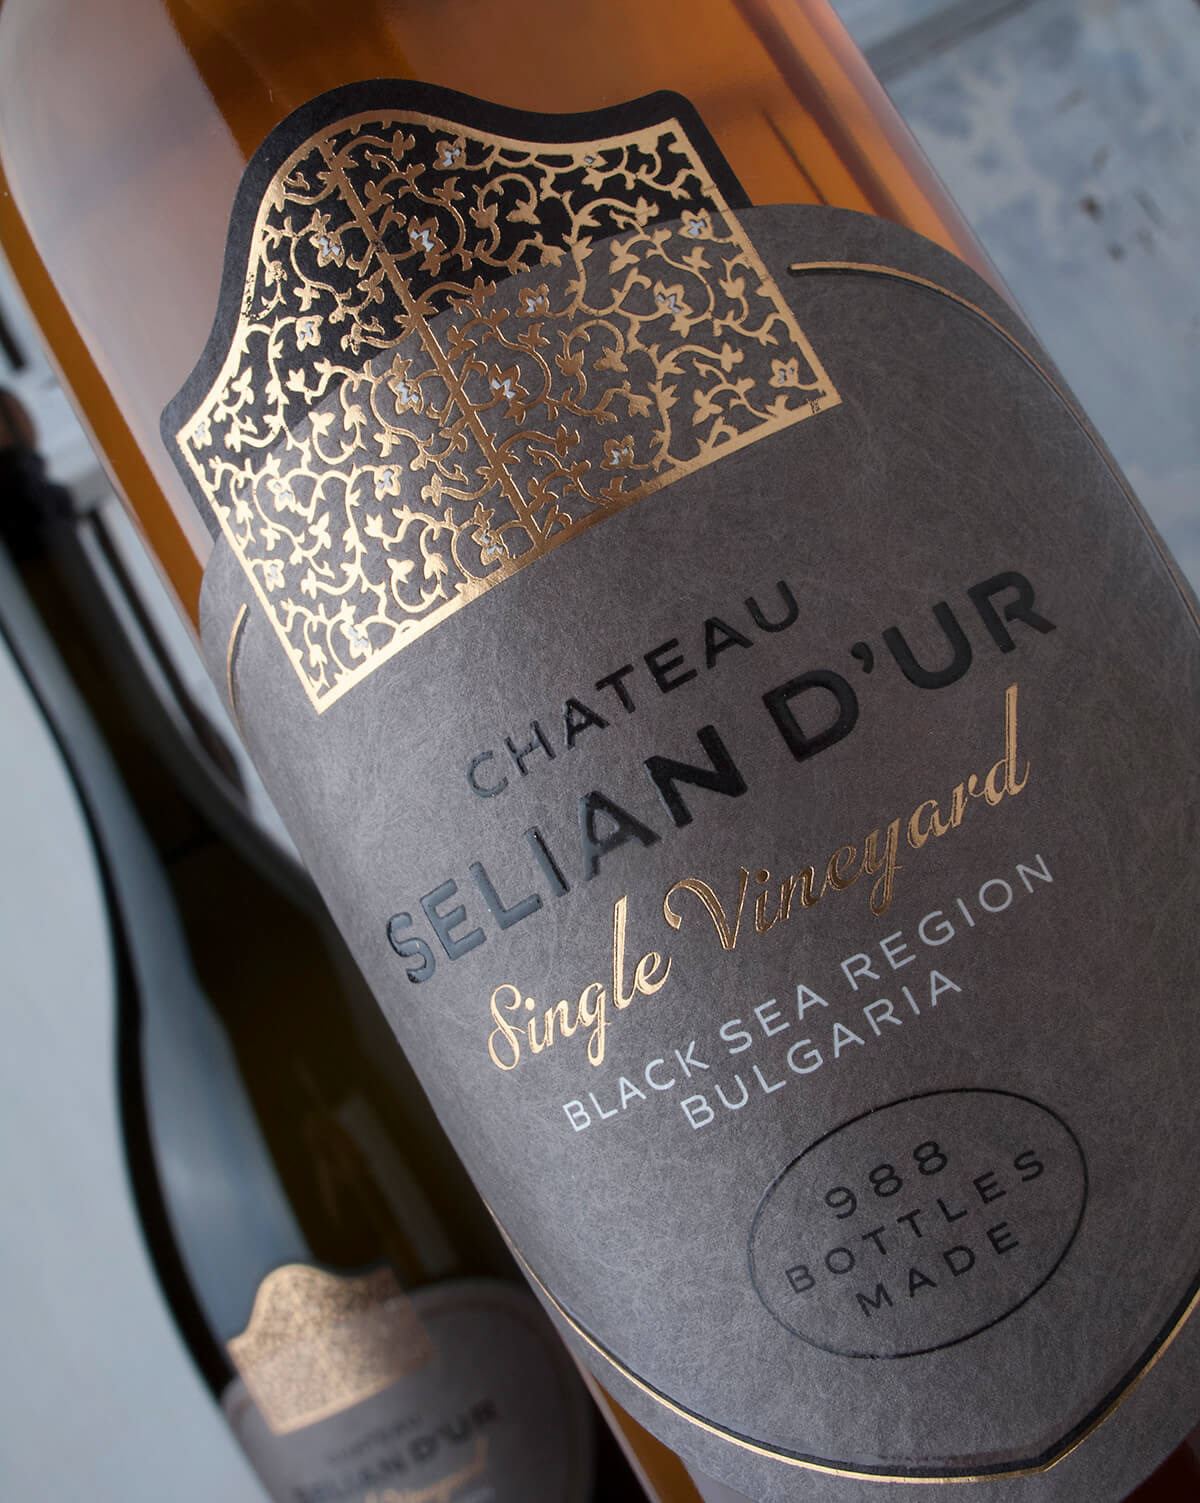 boutique wine label chateau seliandur custom wine label Private label the lalbelmaker Wine brand creation wine branding Private wine label wine brand naming wine label designer